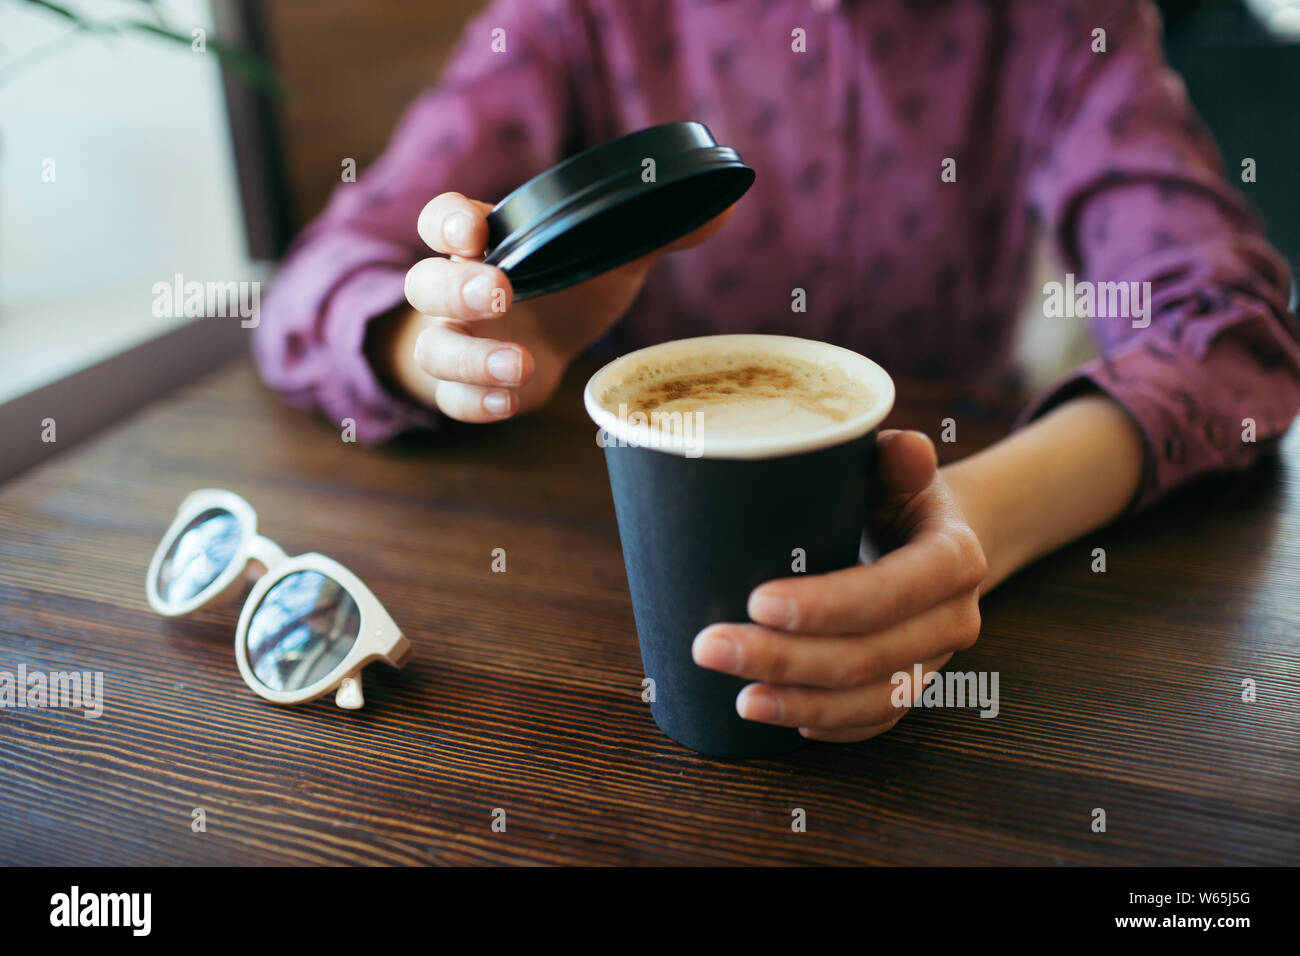 Les mains avec une tasse de Cappuccino, avec mousse épaisse à emporter en noir en papier. Banque D'Images